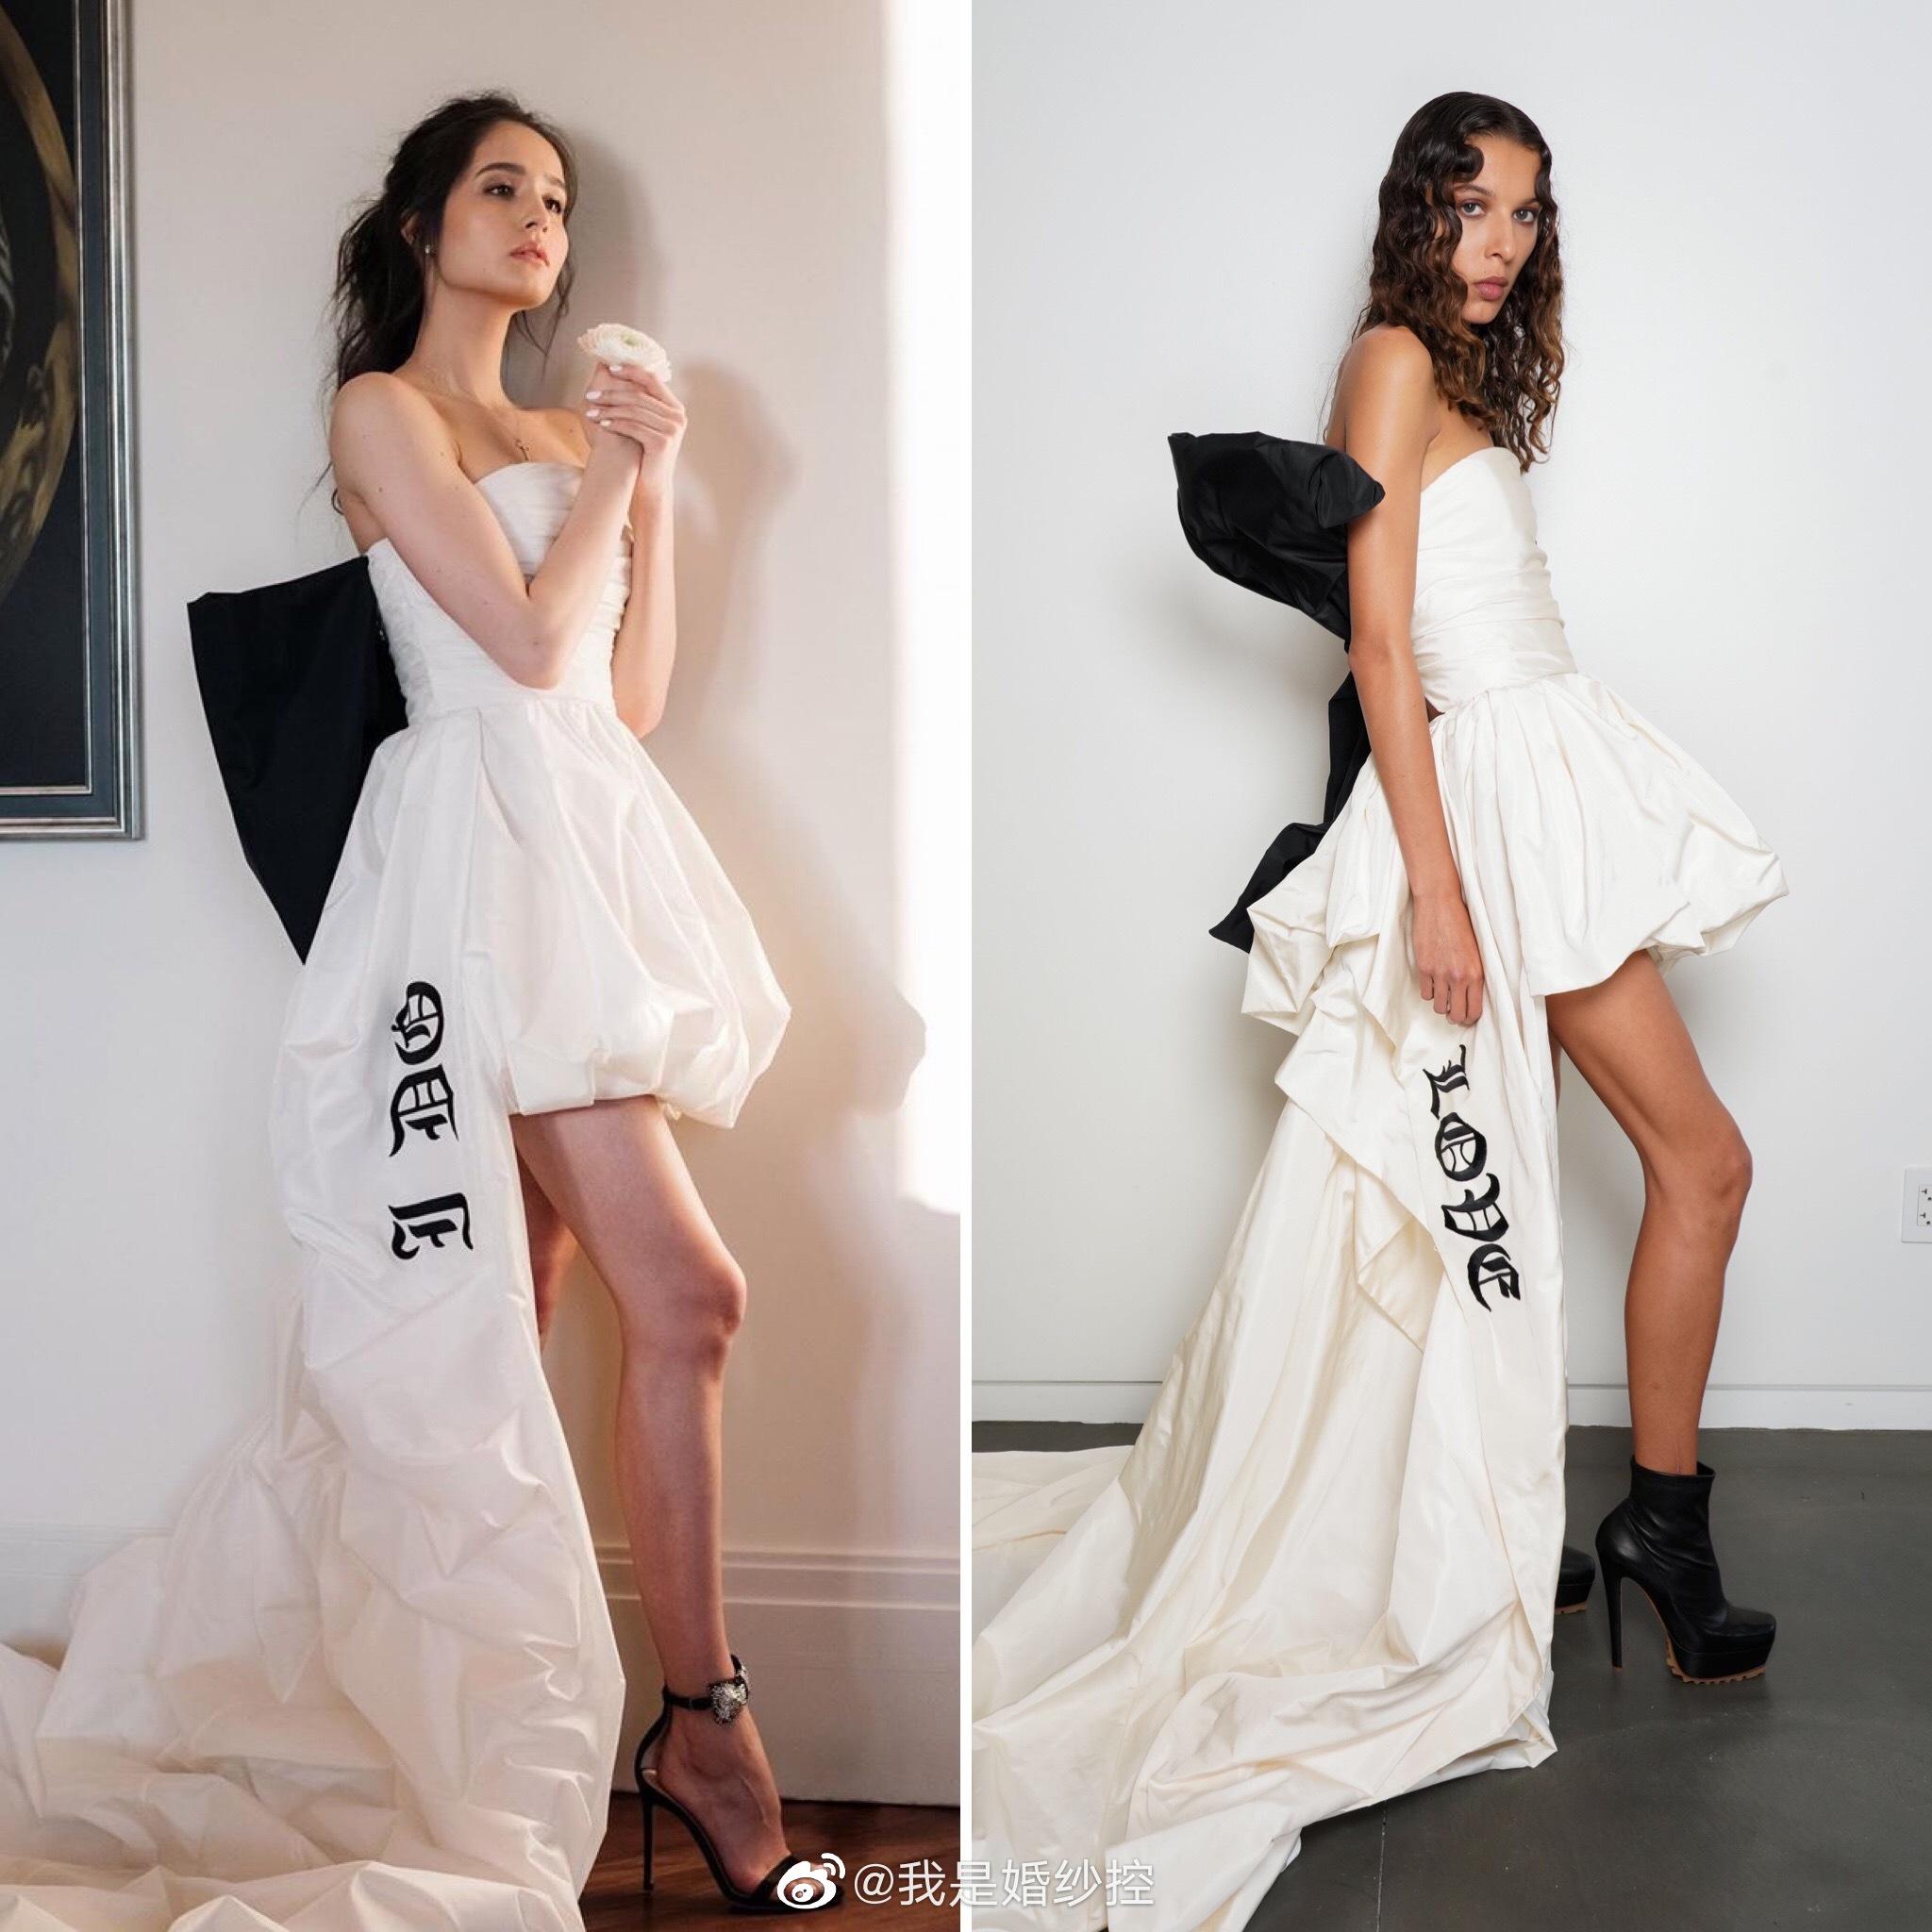 看到Vera Wang新一季朋克风婚纱时候就在想象婚礼上的样子